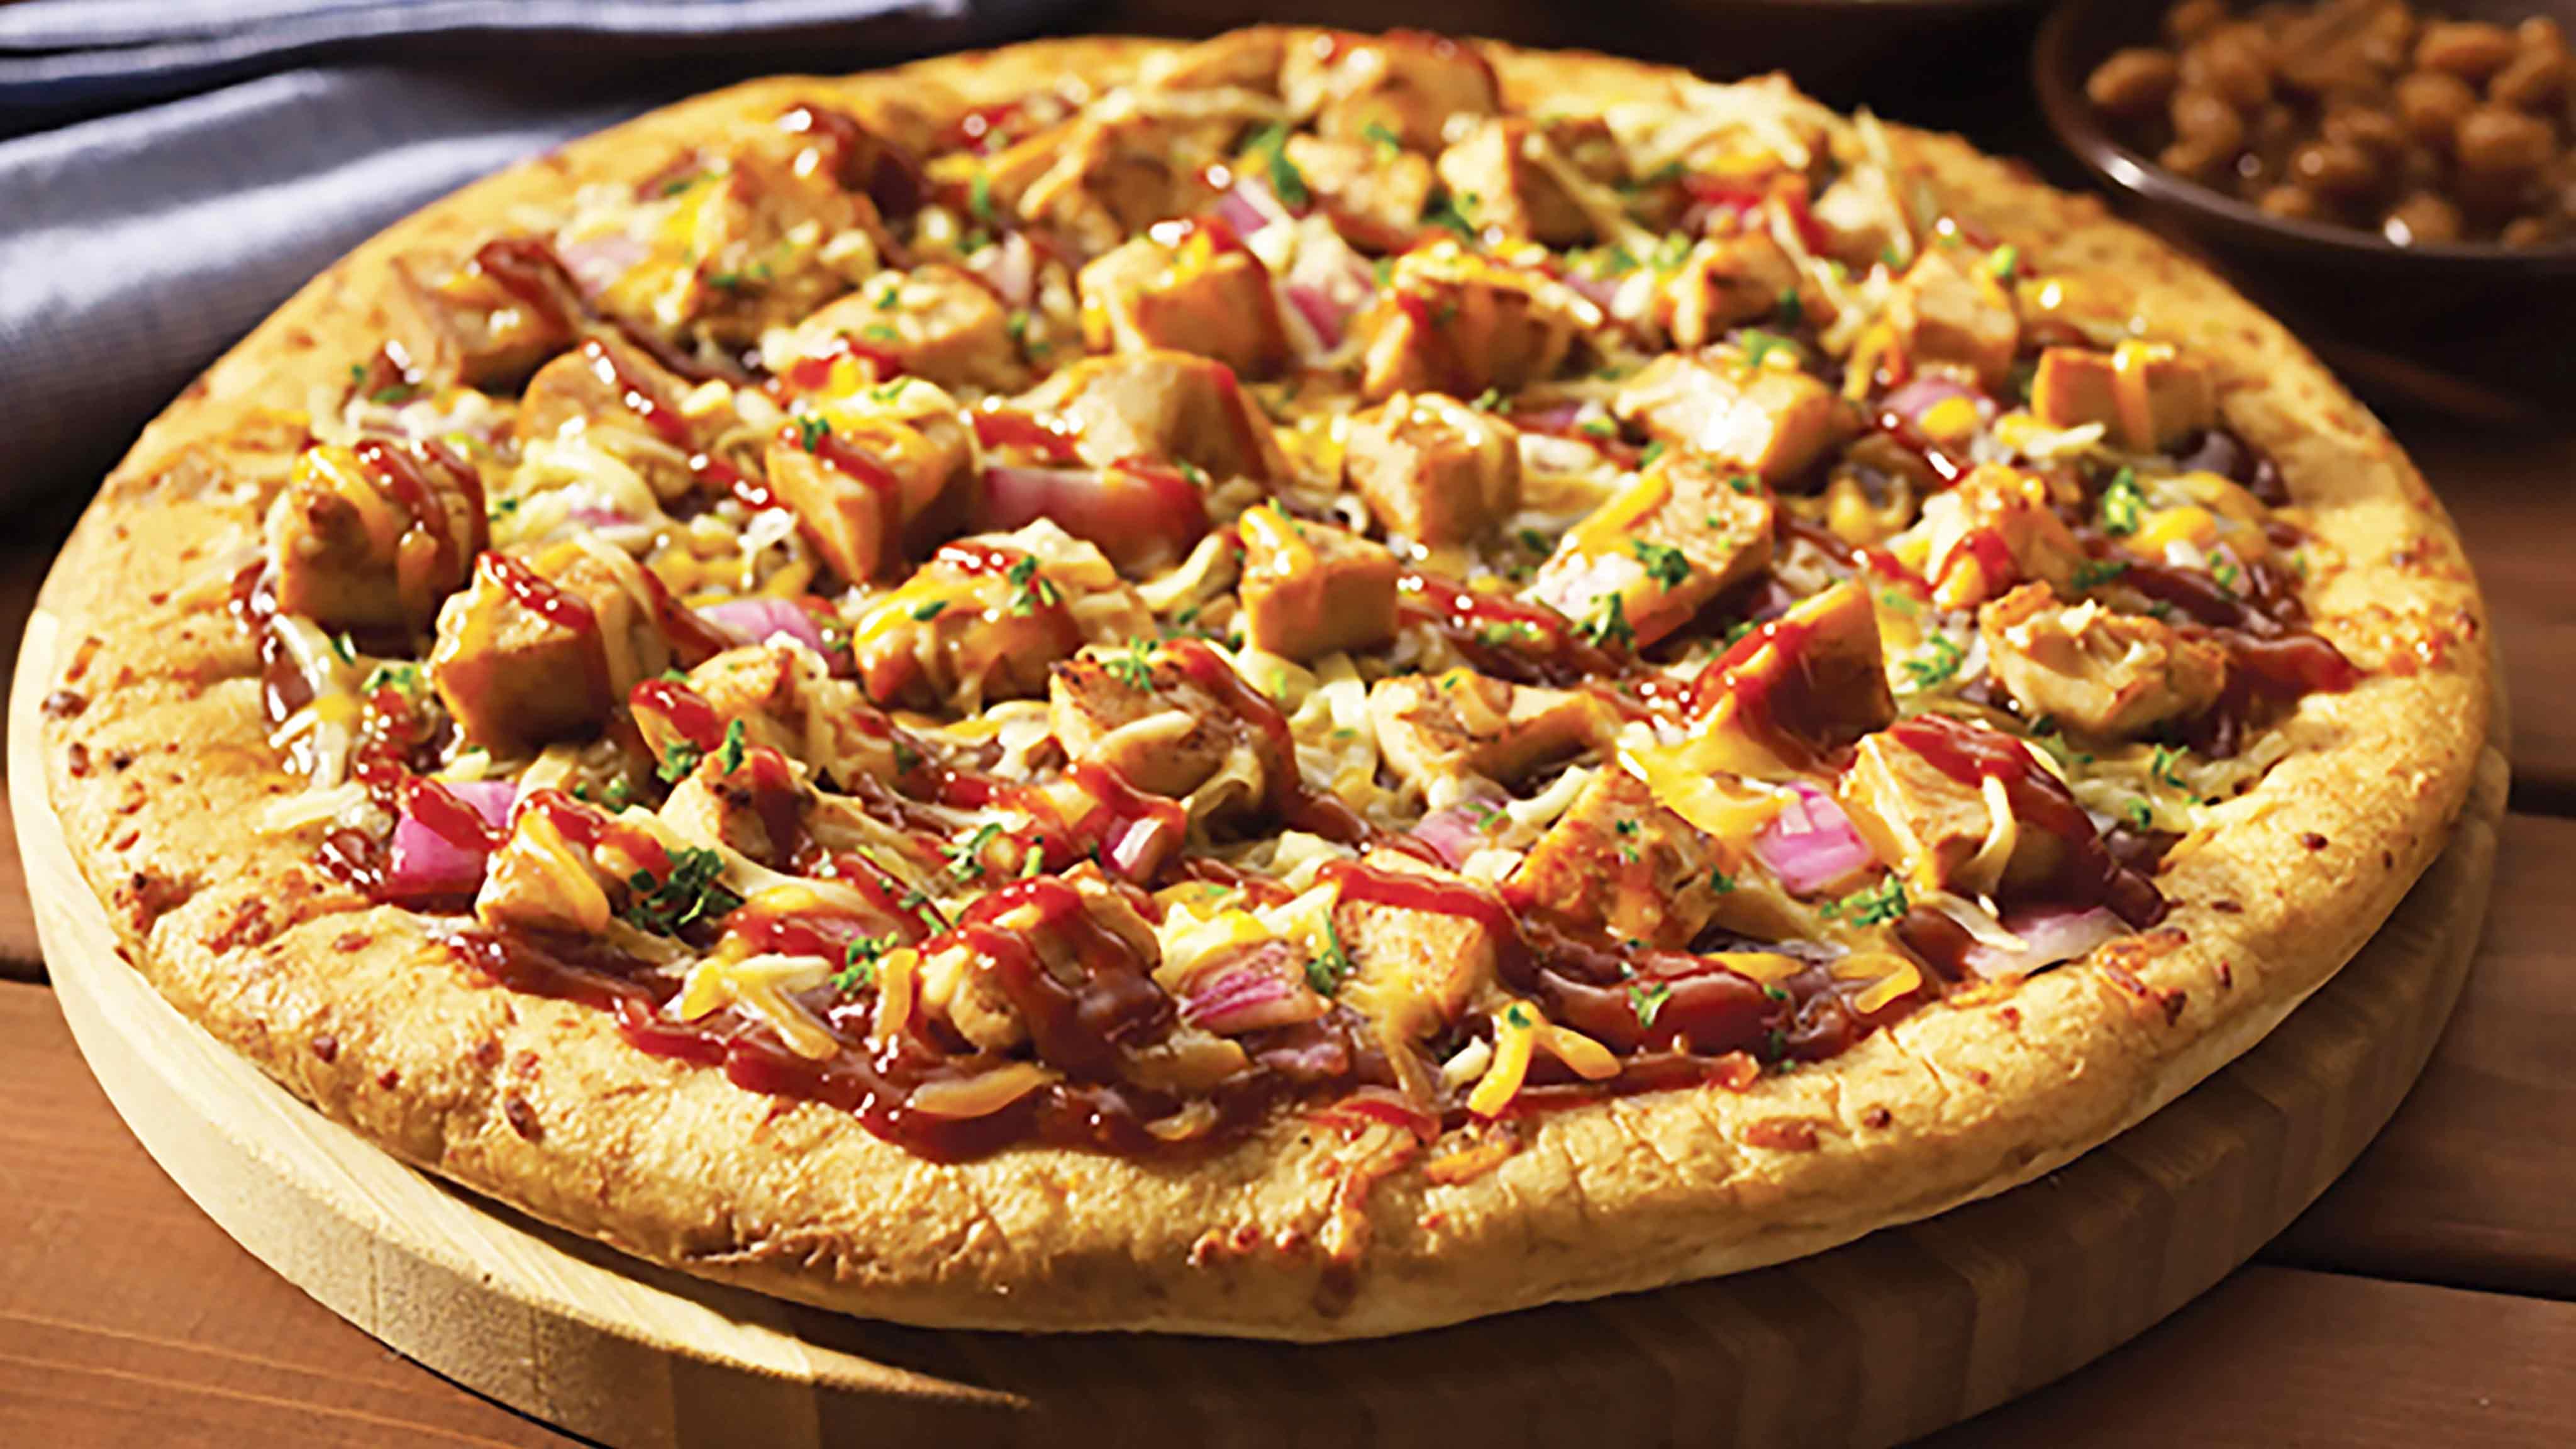 Image for Recipe Barbecue Chicken Pizza with Red Onion, Mozzarella and Gouda